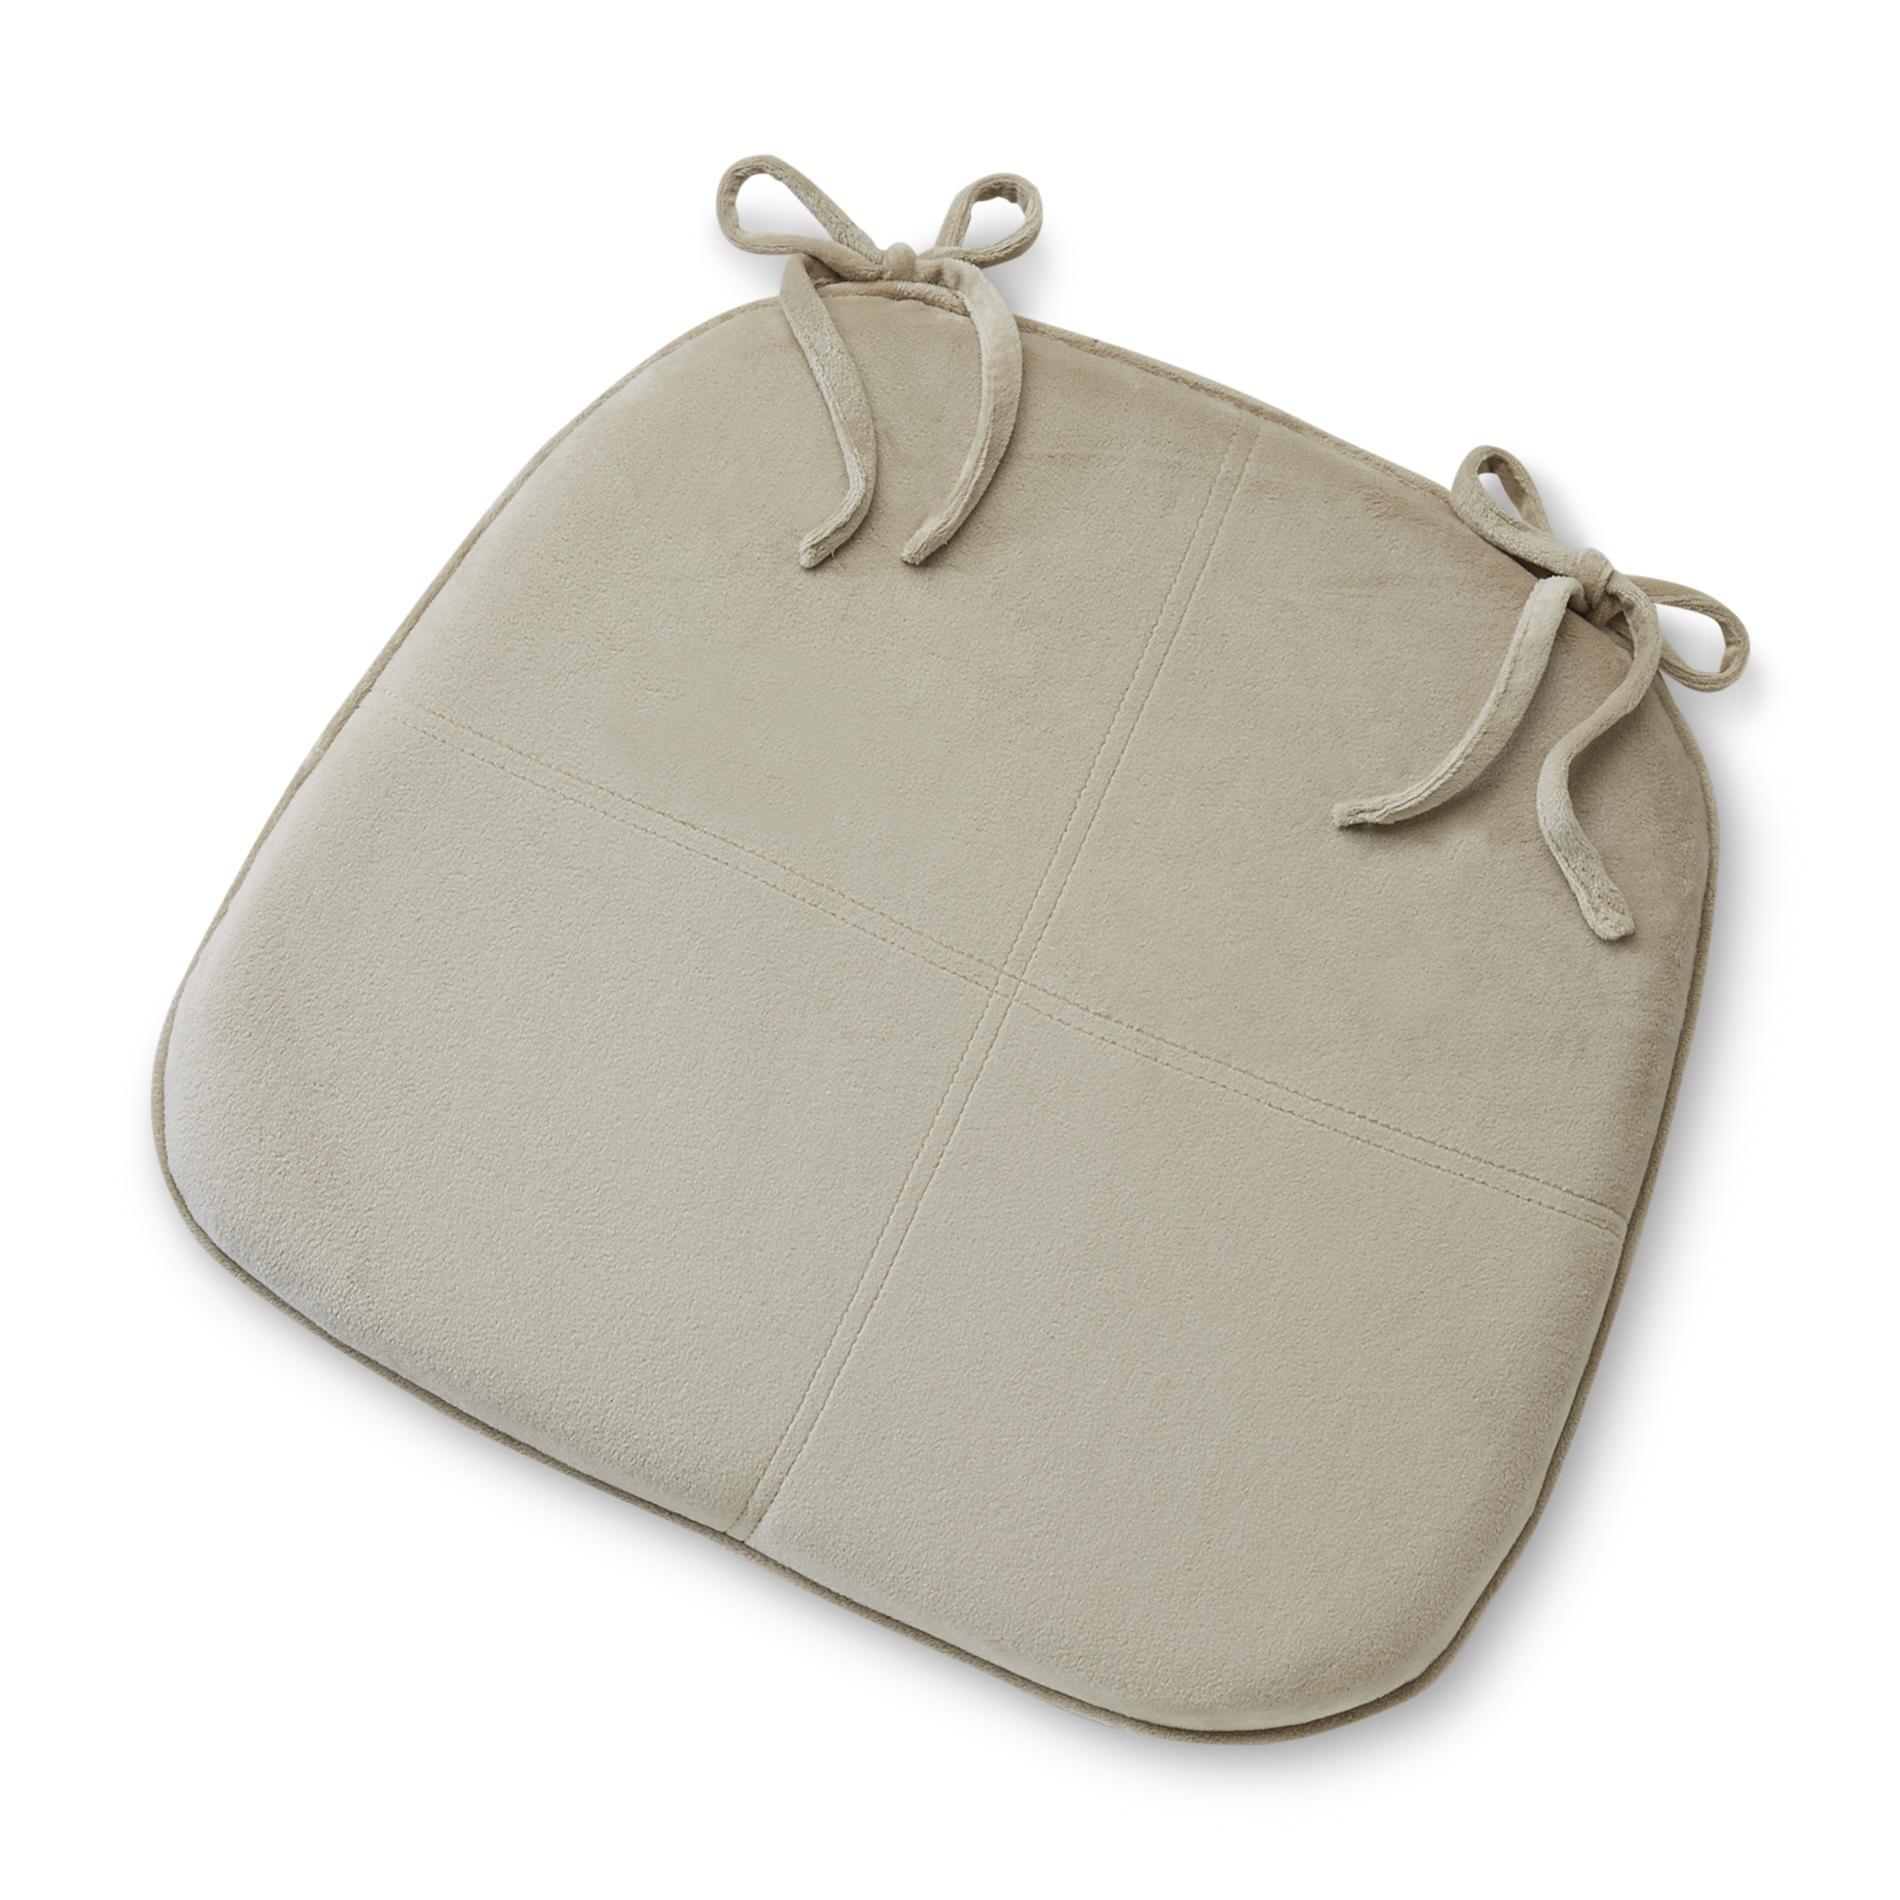 Essential Home Essential Home Memory Foam Chair Cushion   Tan